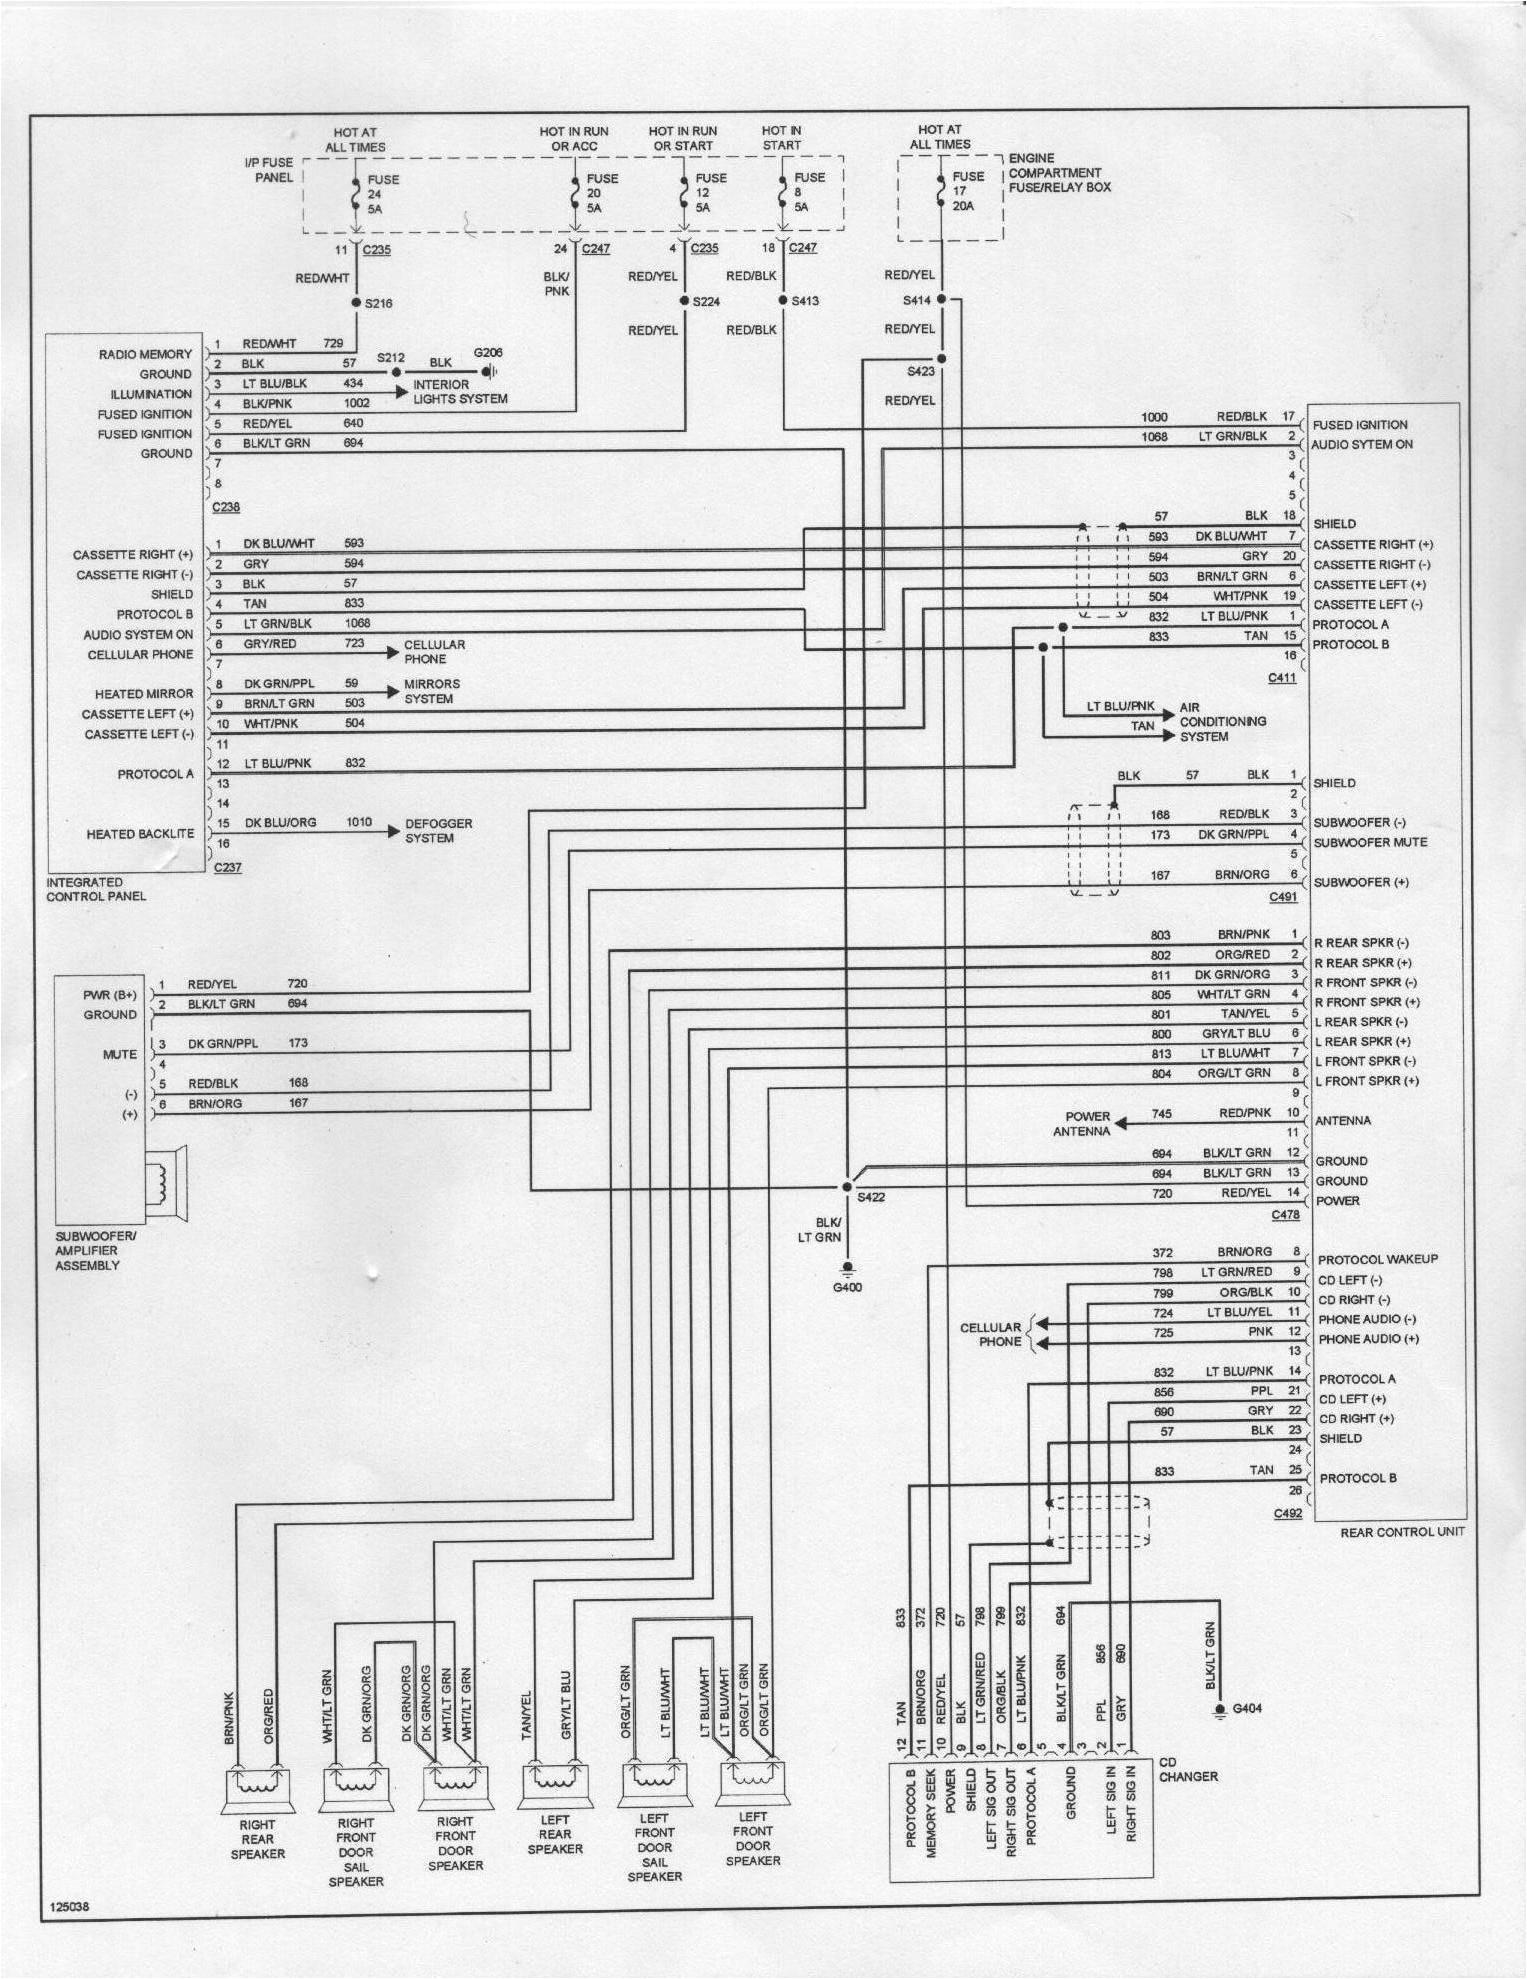 scosche wiring harness diagram fresh scosche wiring harness installation ford radio diagram car stereo in photograph of scosche wiring harness diagram jpg